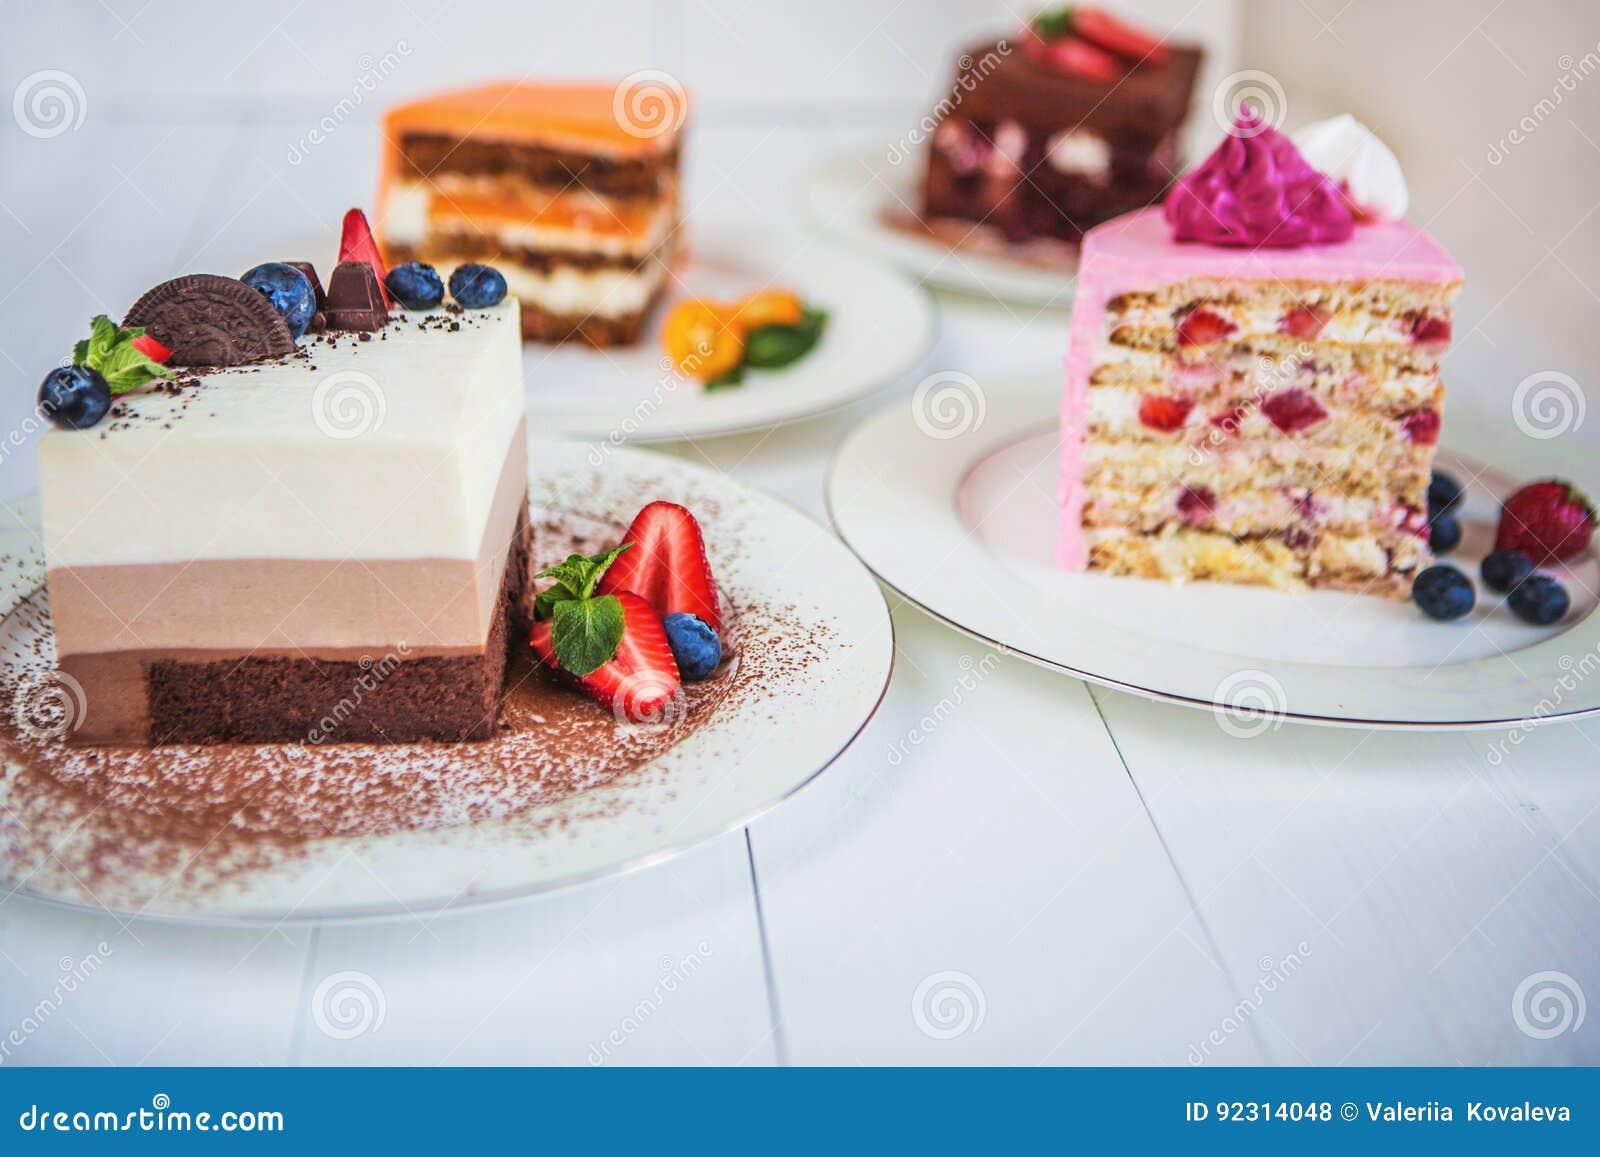 Pedazos grandes clasificados de diversas tortas: tres chocolate, zanahoria, fresa, chocolate Las tortas se adornan con las bayas